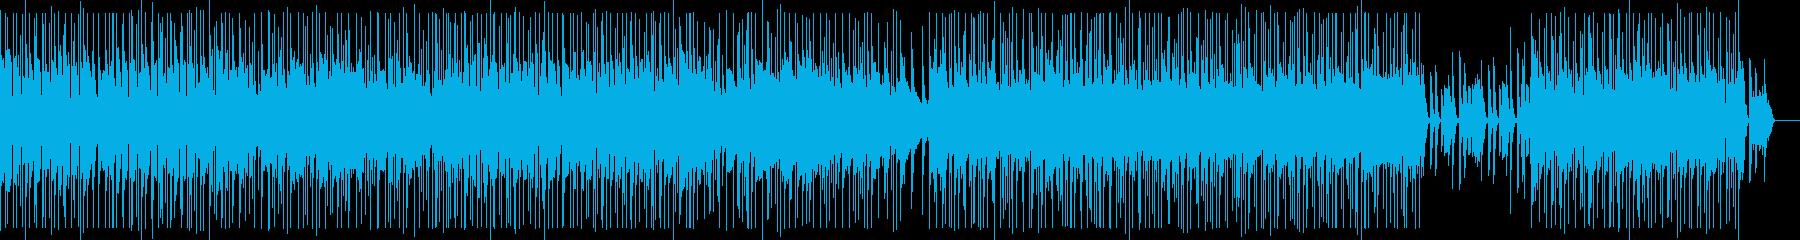 ニュースの時間 ピアノ 目覚め きらめきの再生済みの波形